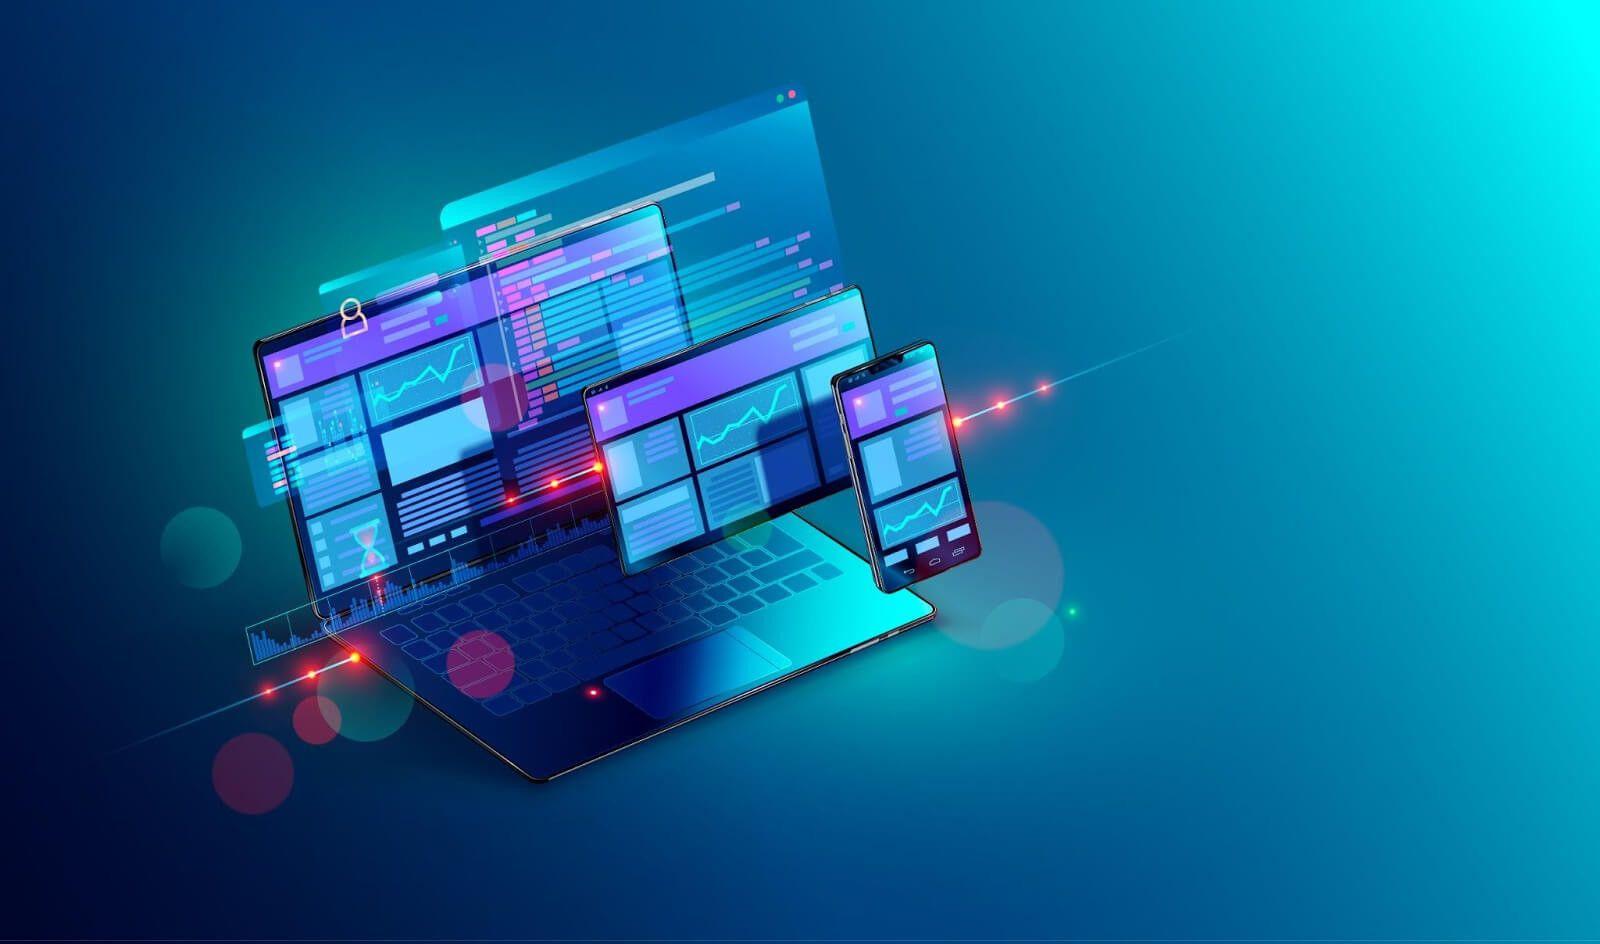 Pilastri per lo sviluppo e la programmazione web